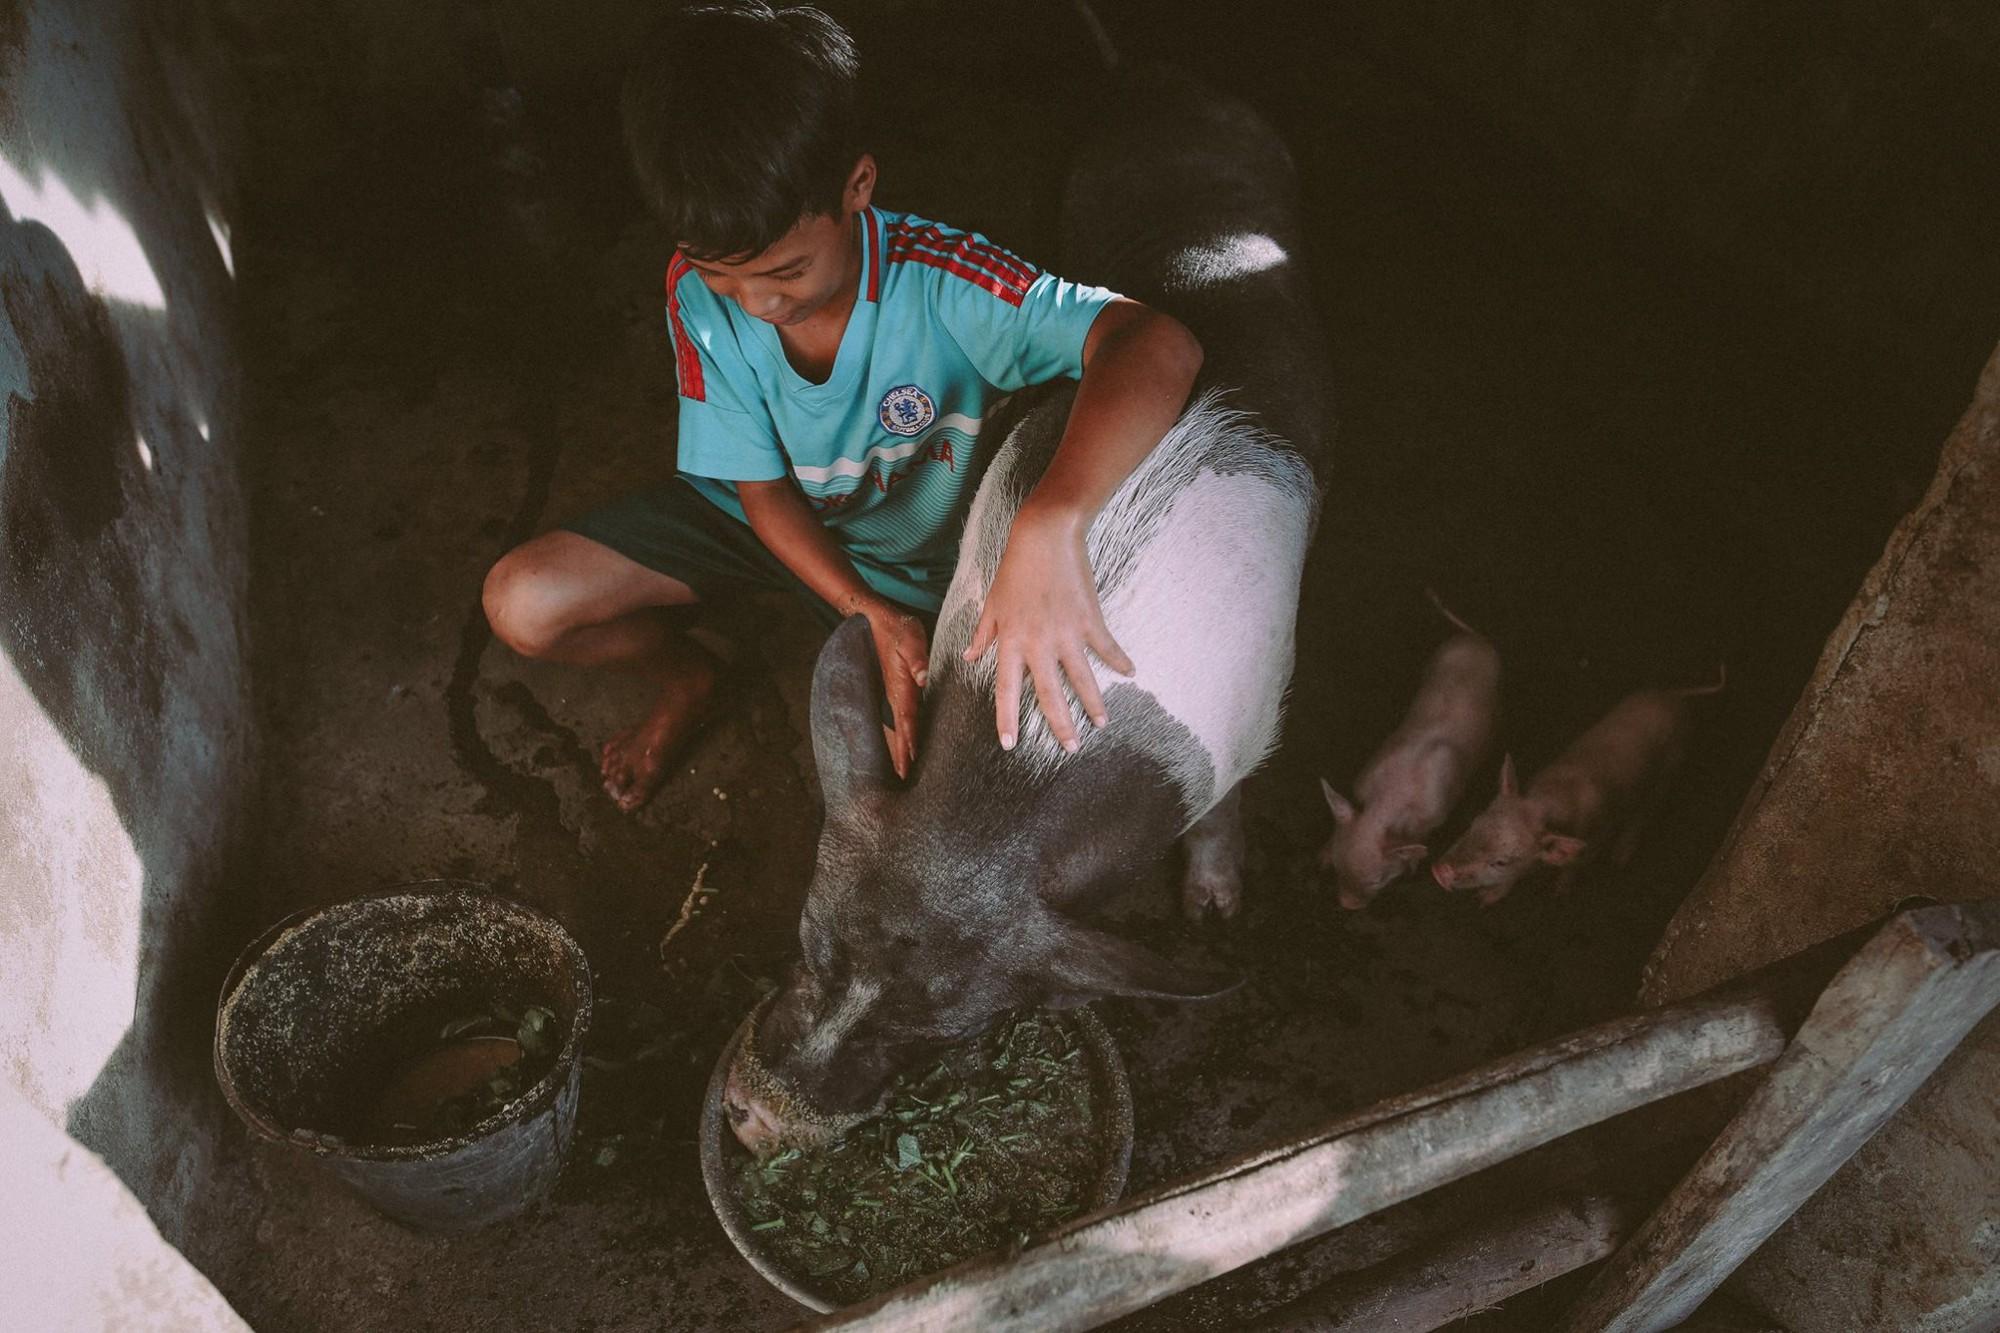 Bộ ảnh xúc động về cậu bé mồ côi ở Quảng Nam tự lập từ năm 12 tuổi, nuôi lợn để được đến trường 2